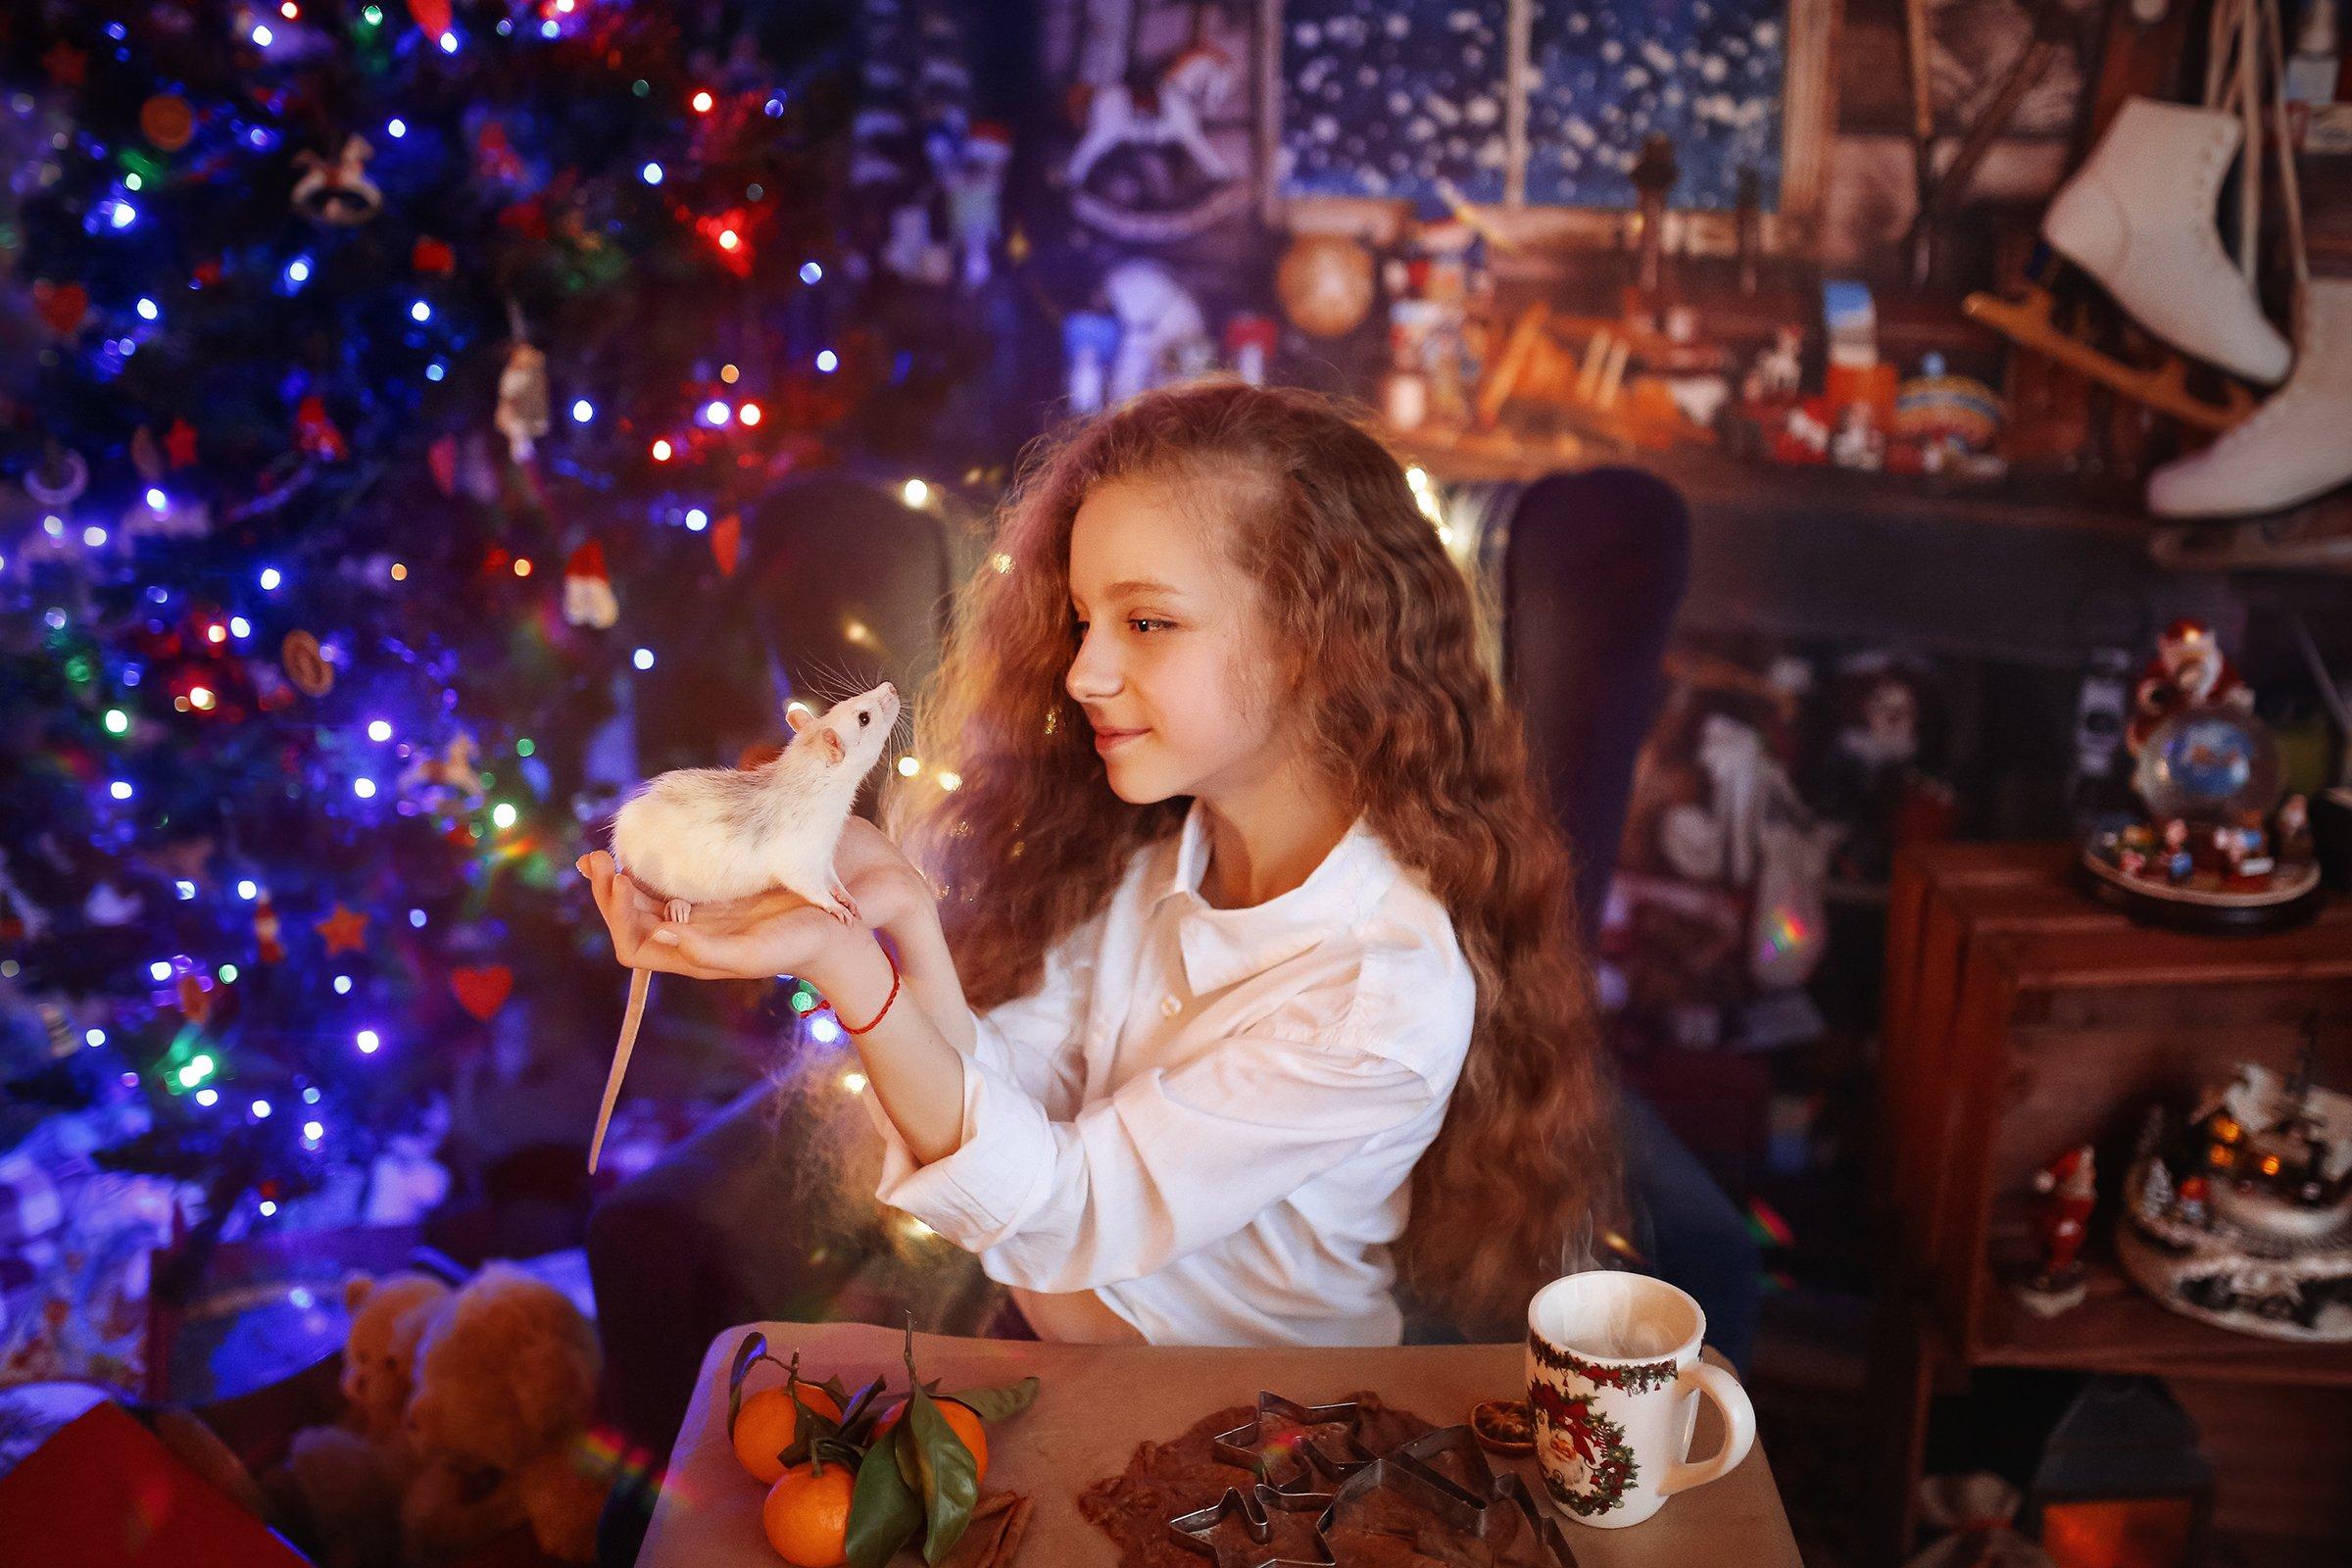 новый год год крысы рождество, Валерия Касперова